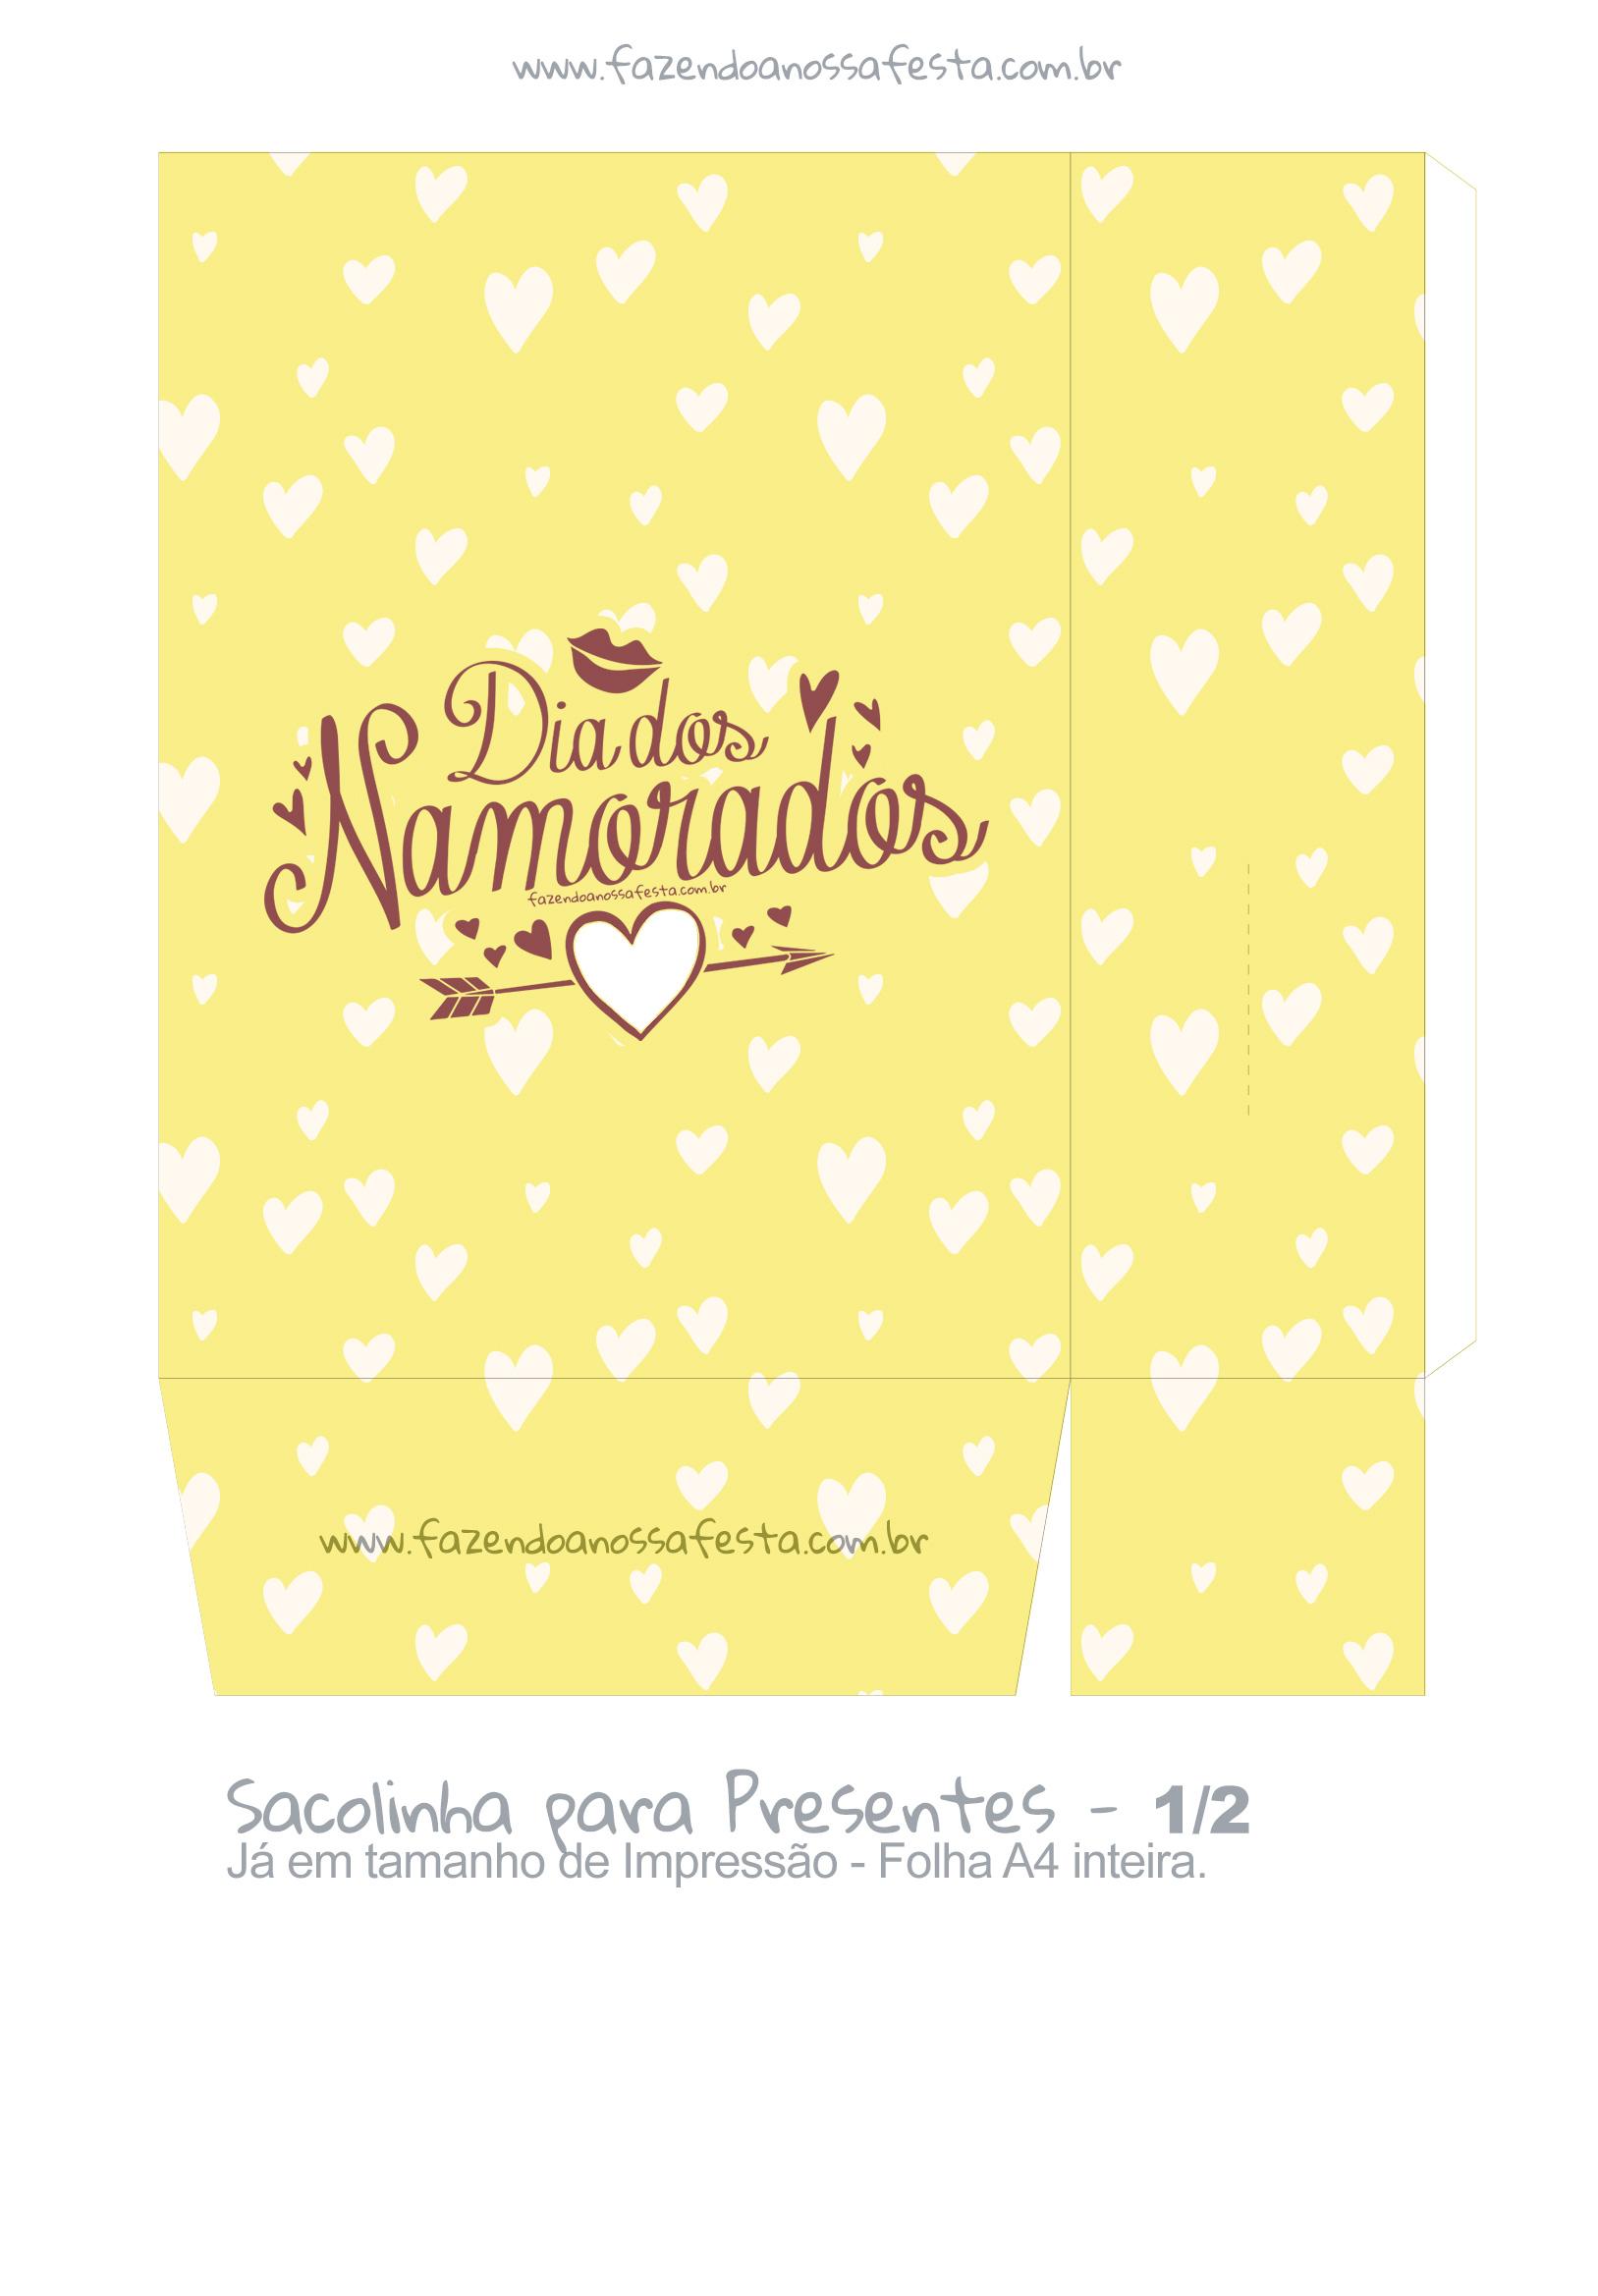 Sacolinha Dia dos Namorados Coracao Amarelo - parte 2